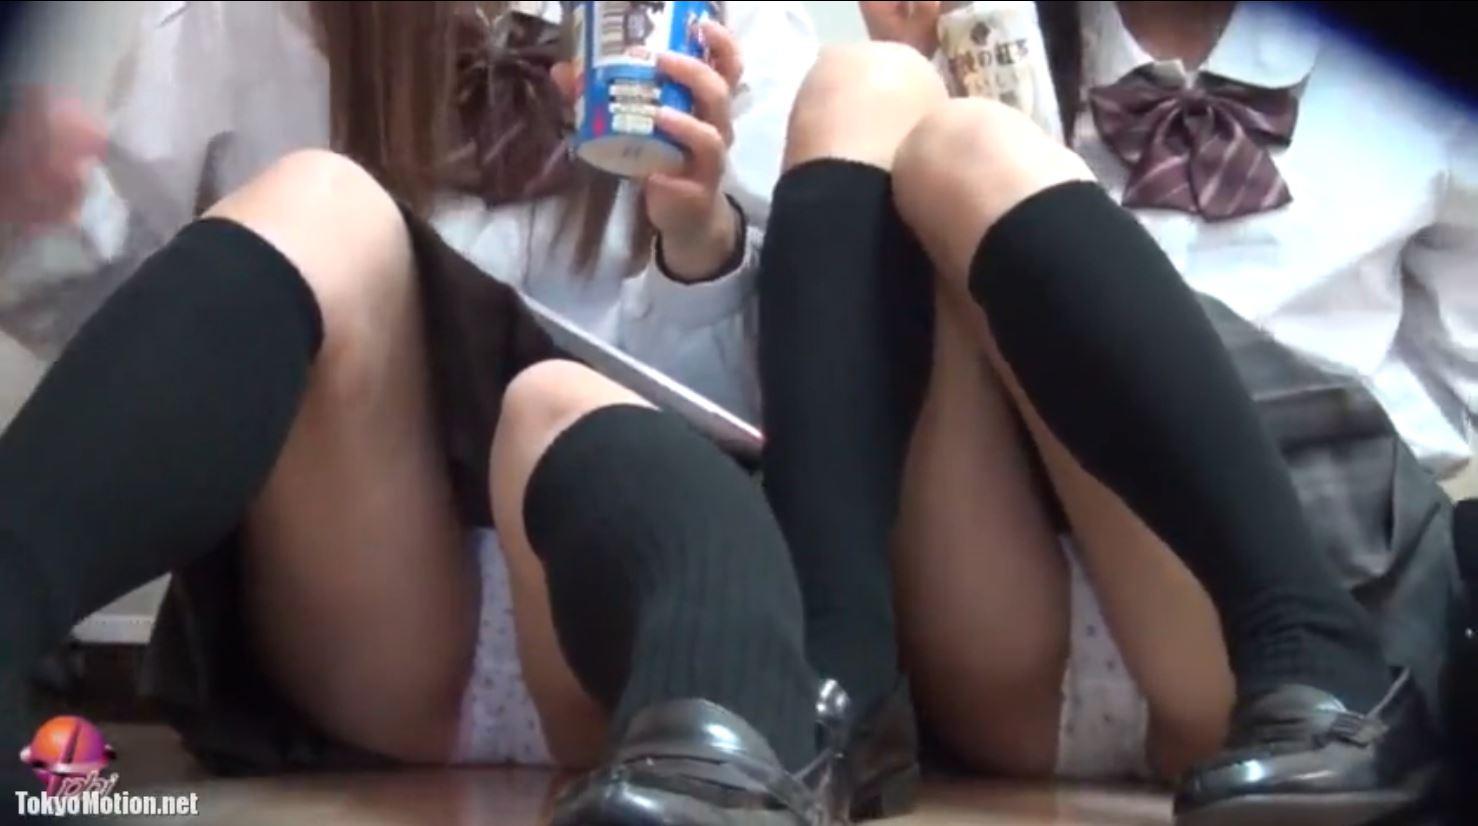 《女子校生リアル動画パンティ前から&逆さ盗撮》JKパンティ撮影オムニバス動画♪